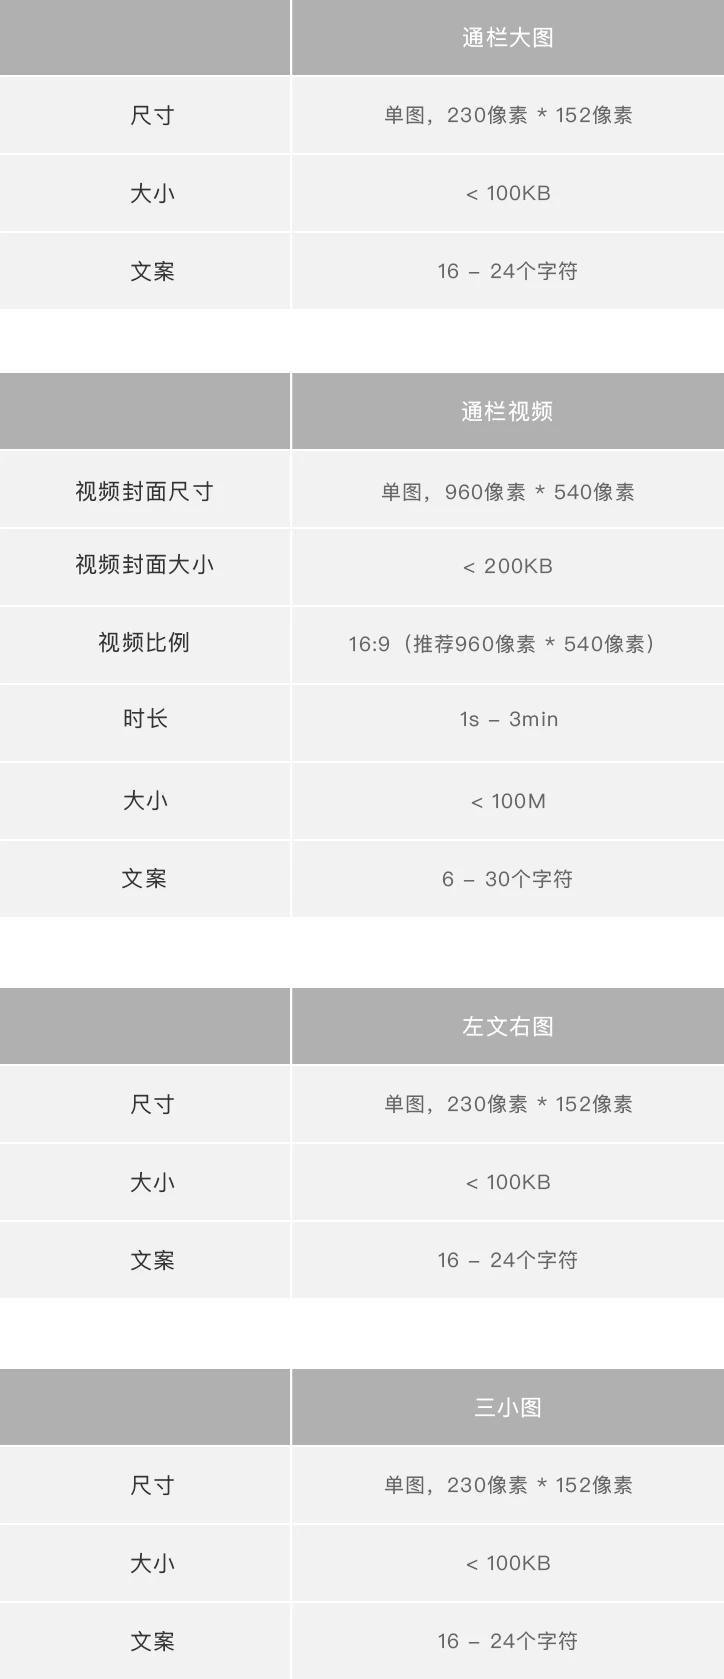 騰訊新聞廣告位收費模式介紹